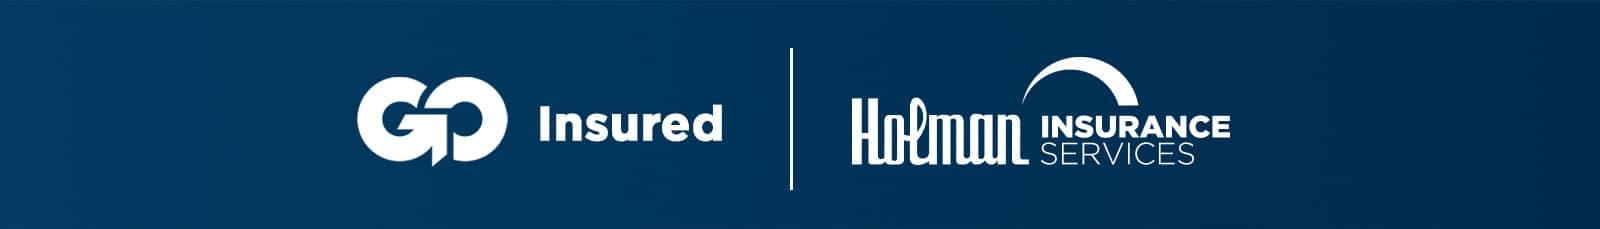 Holman Go Insurance header